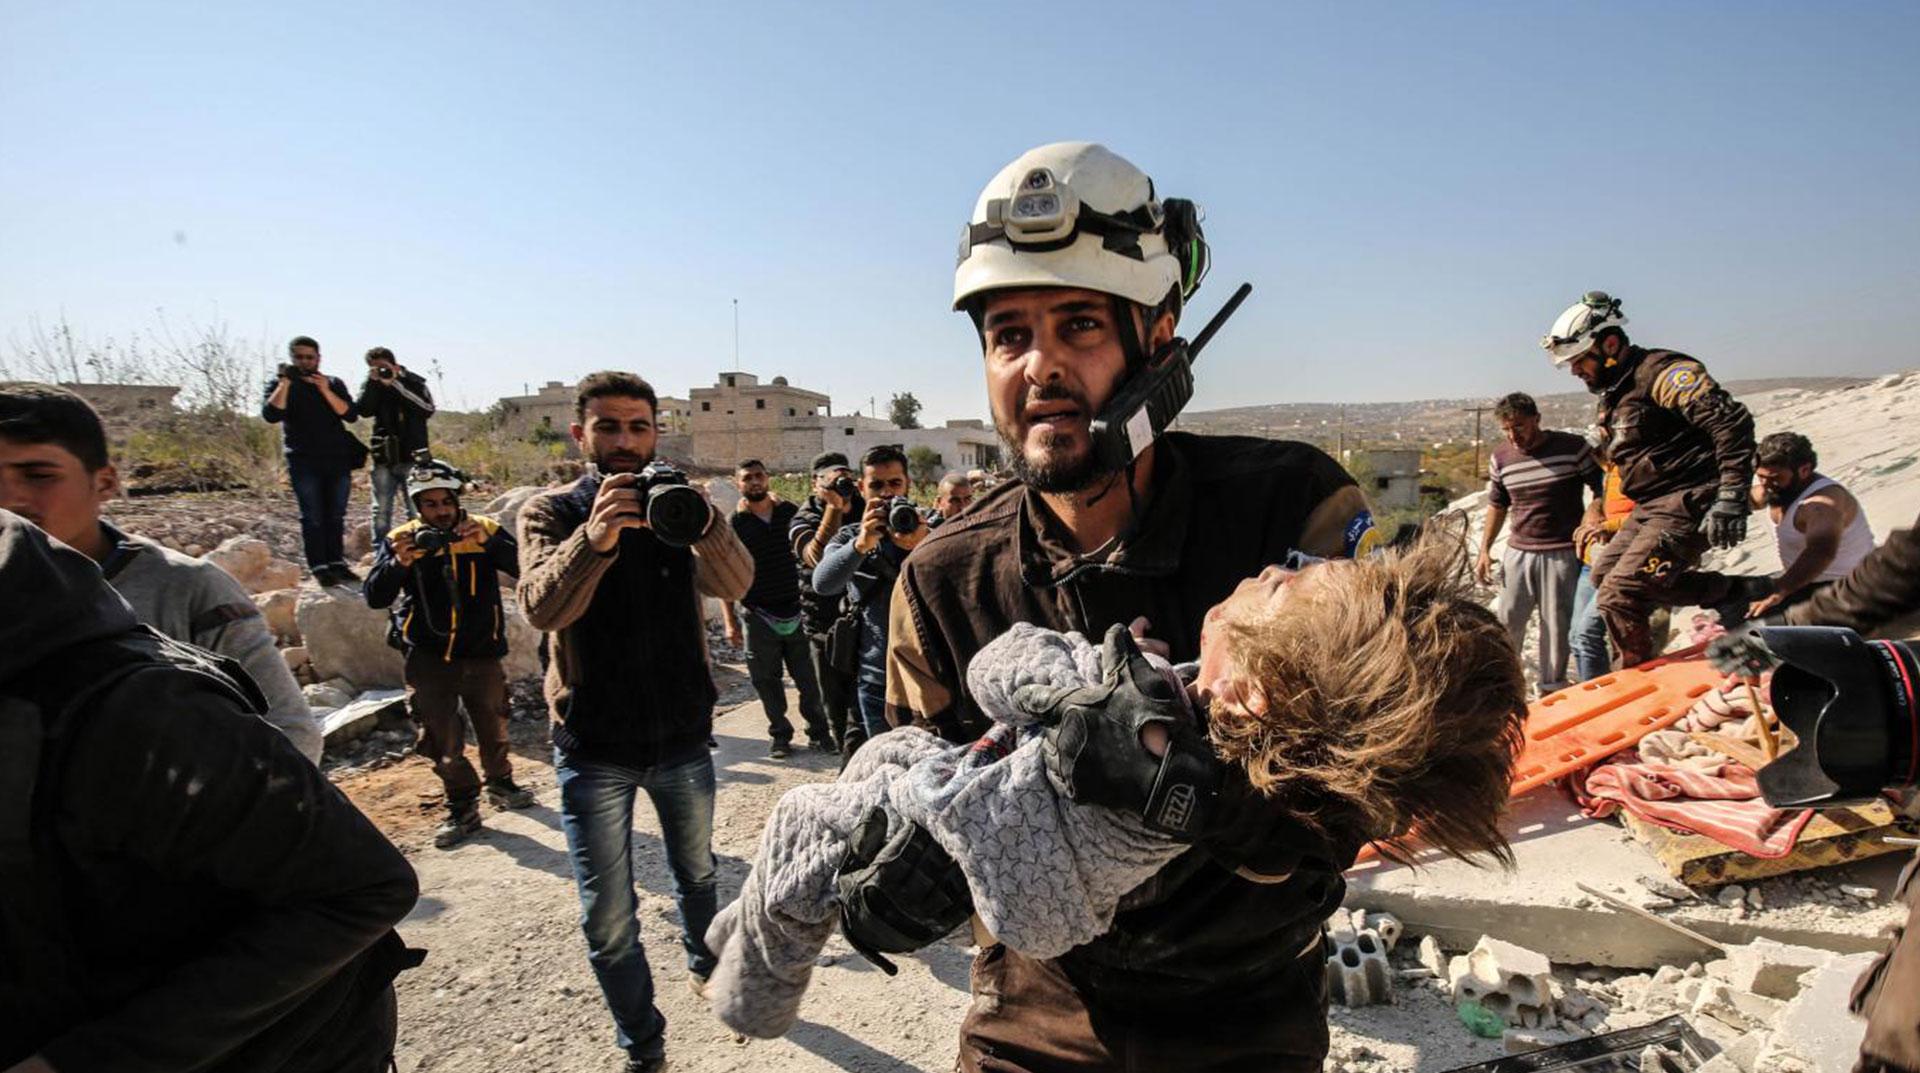 İdlib'e bombalar yağmaya devam ediyor